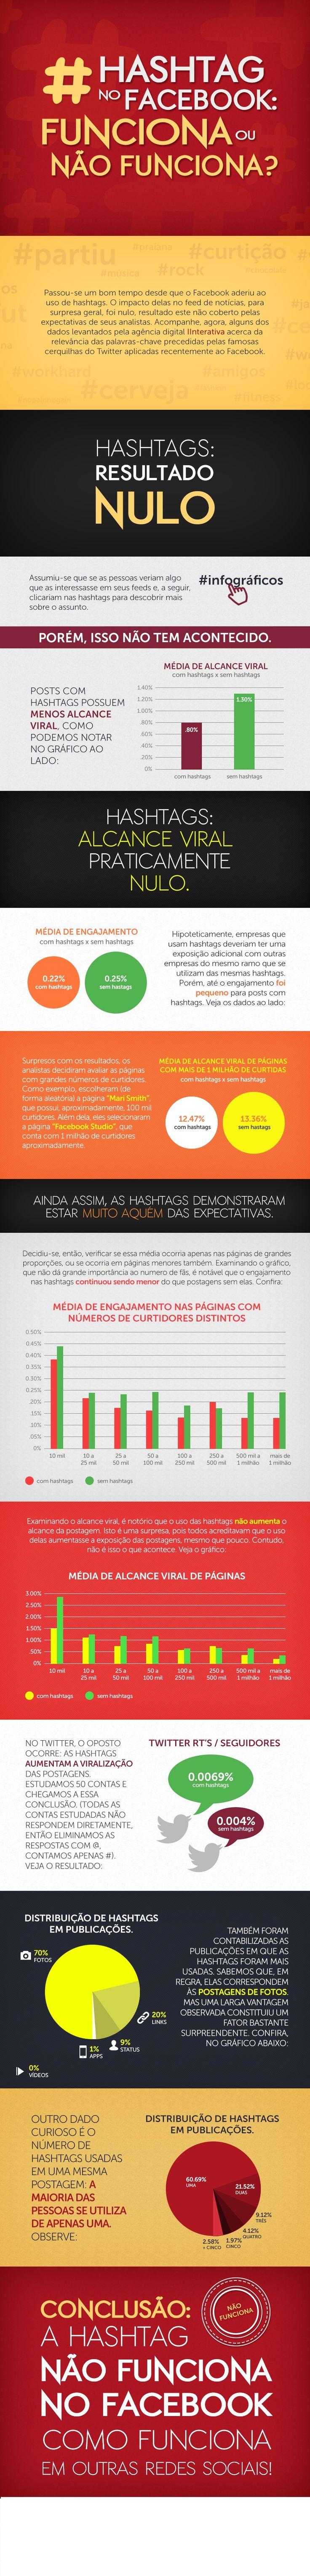 Informações levantadas pela Interativa mostram que impacto das hashtags no Facebook é nulo, enquanto no Twitter é eficaz.